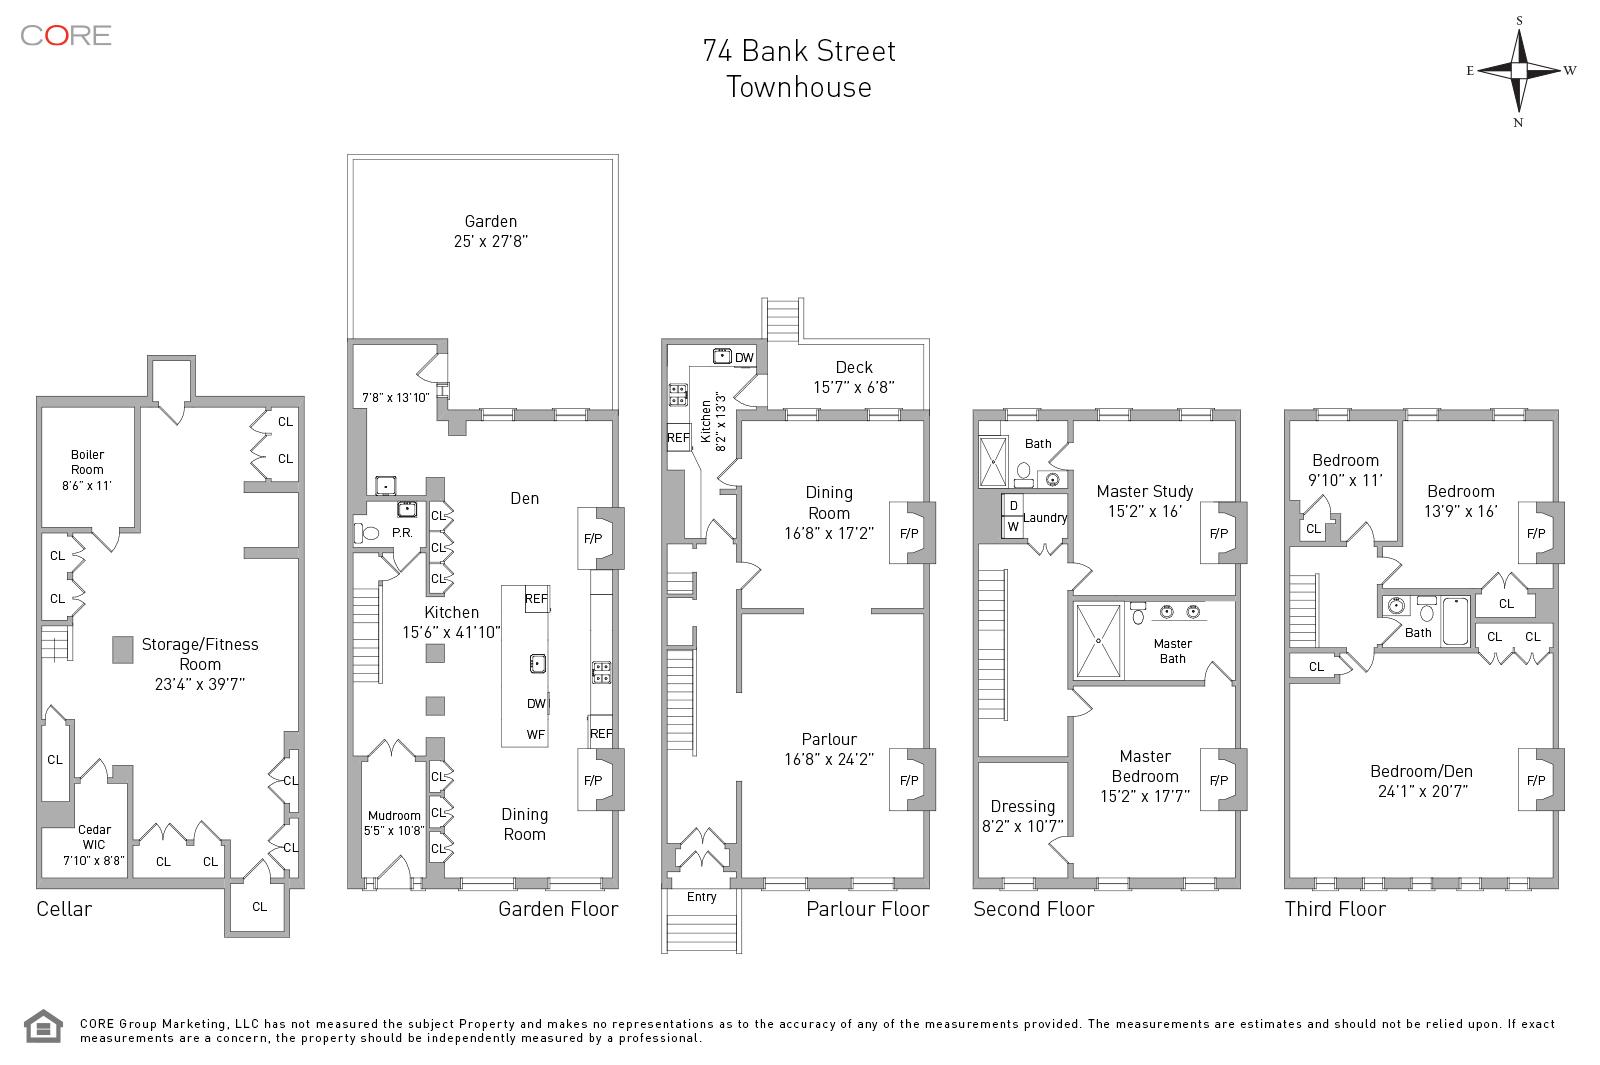 74 Bank St., New York, NY 10014